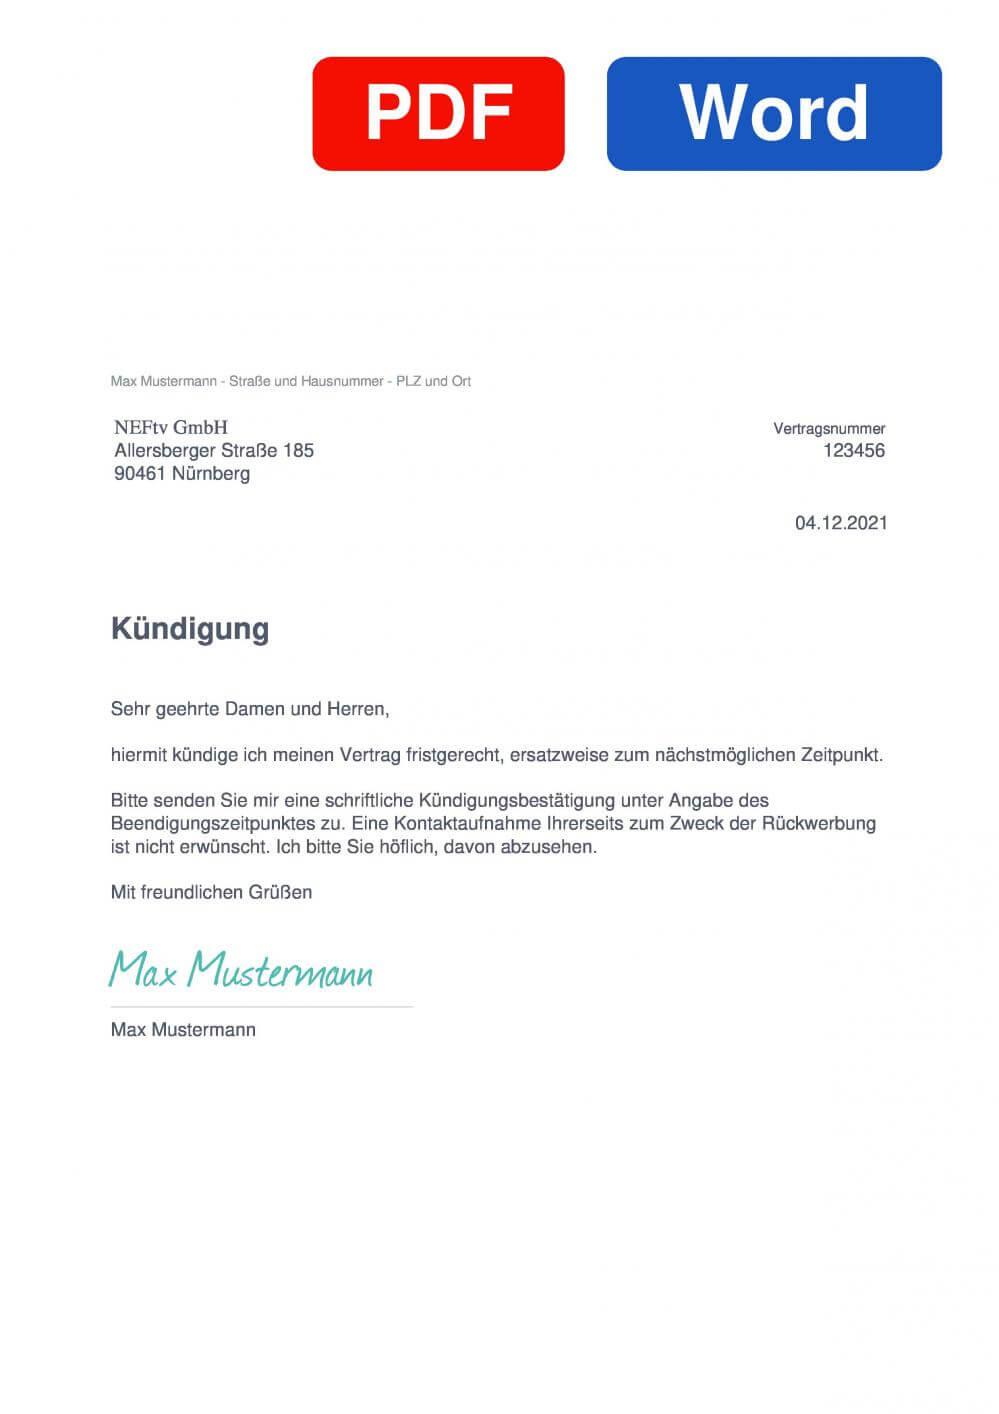 NEFtv Muster Vorlage für Kündigungsschreiben